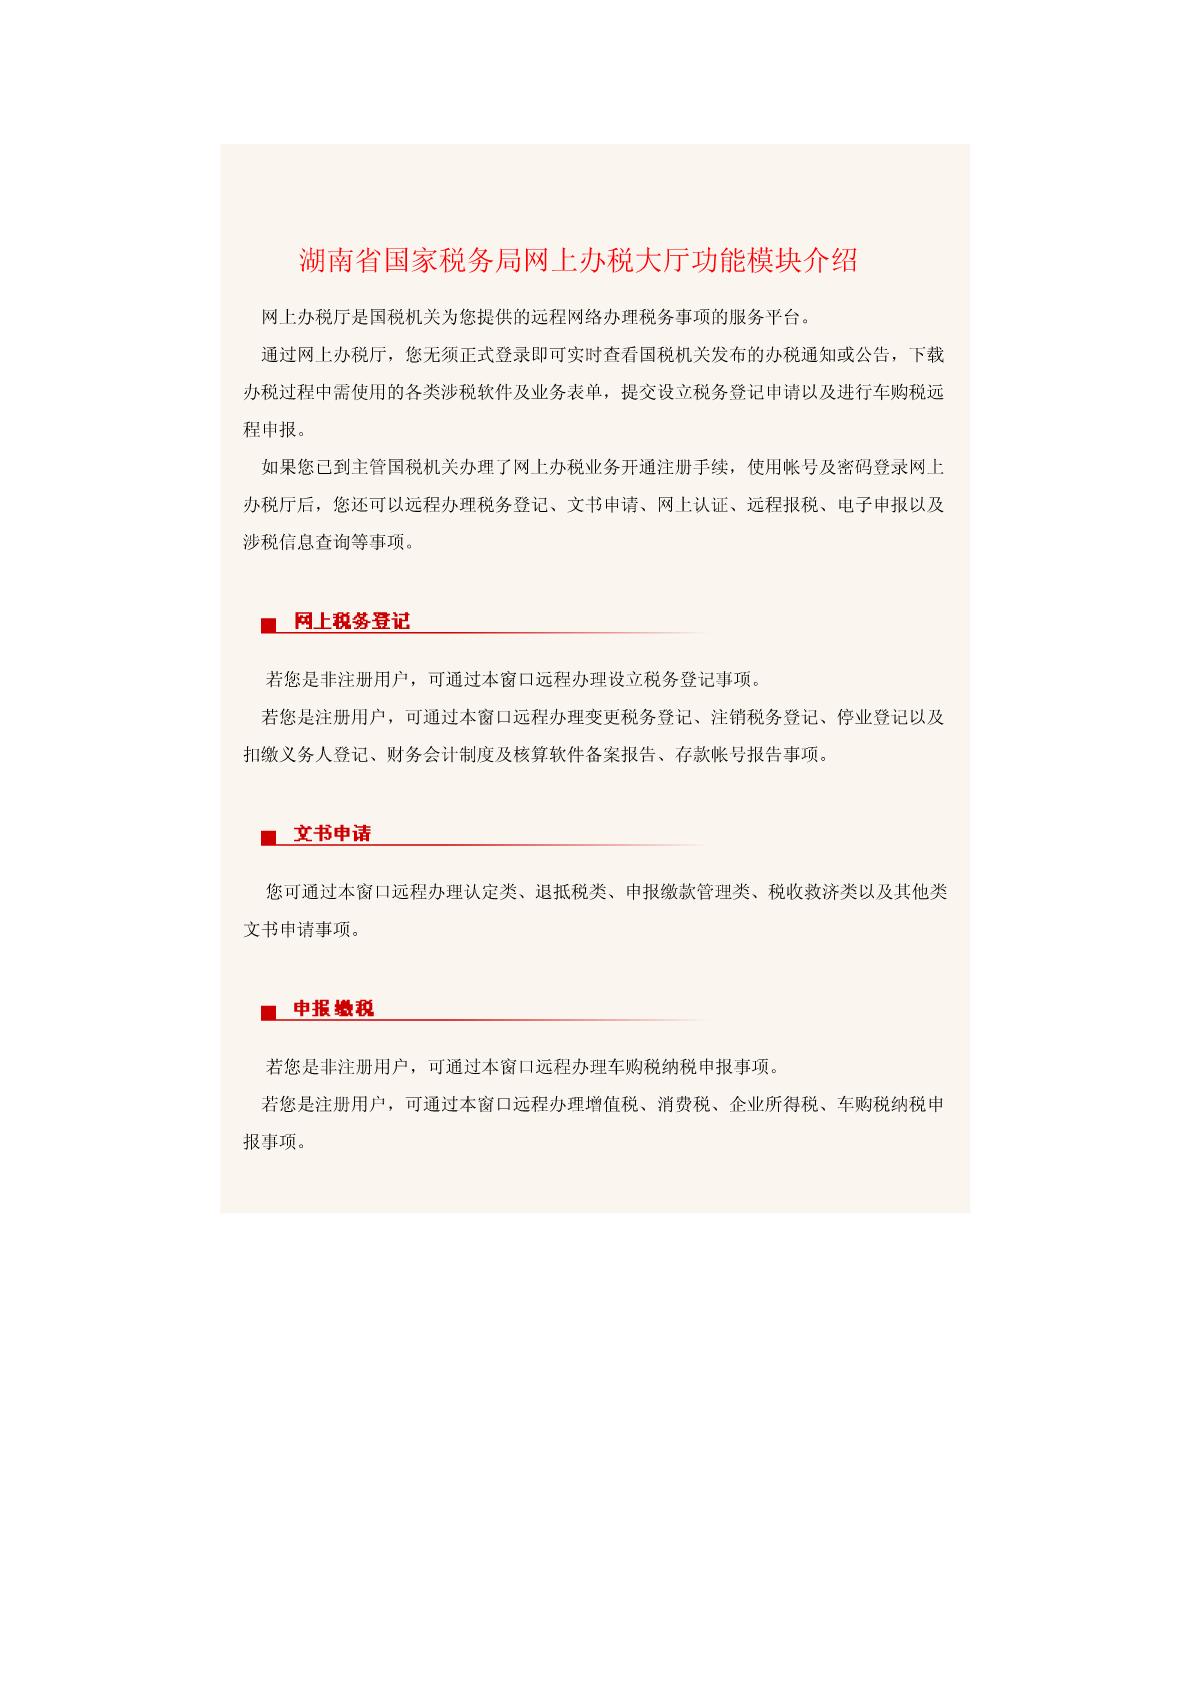 湖南省国家税务局网上办税大厅功能模块介绍